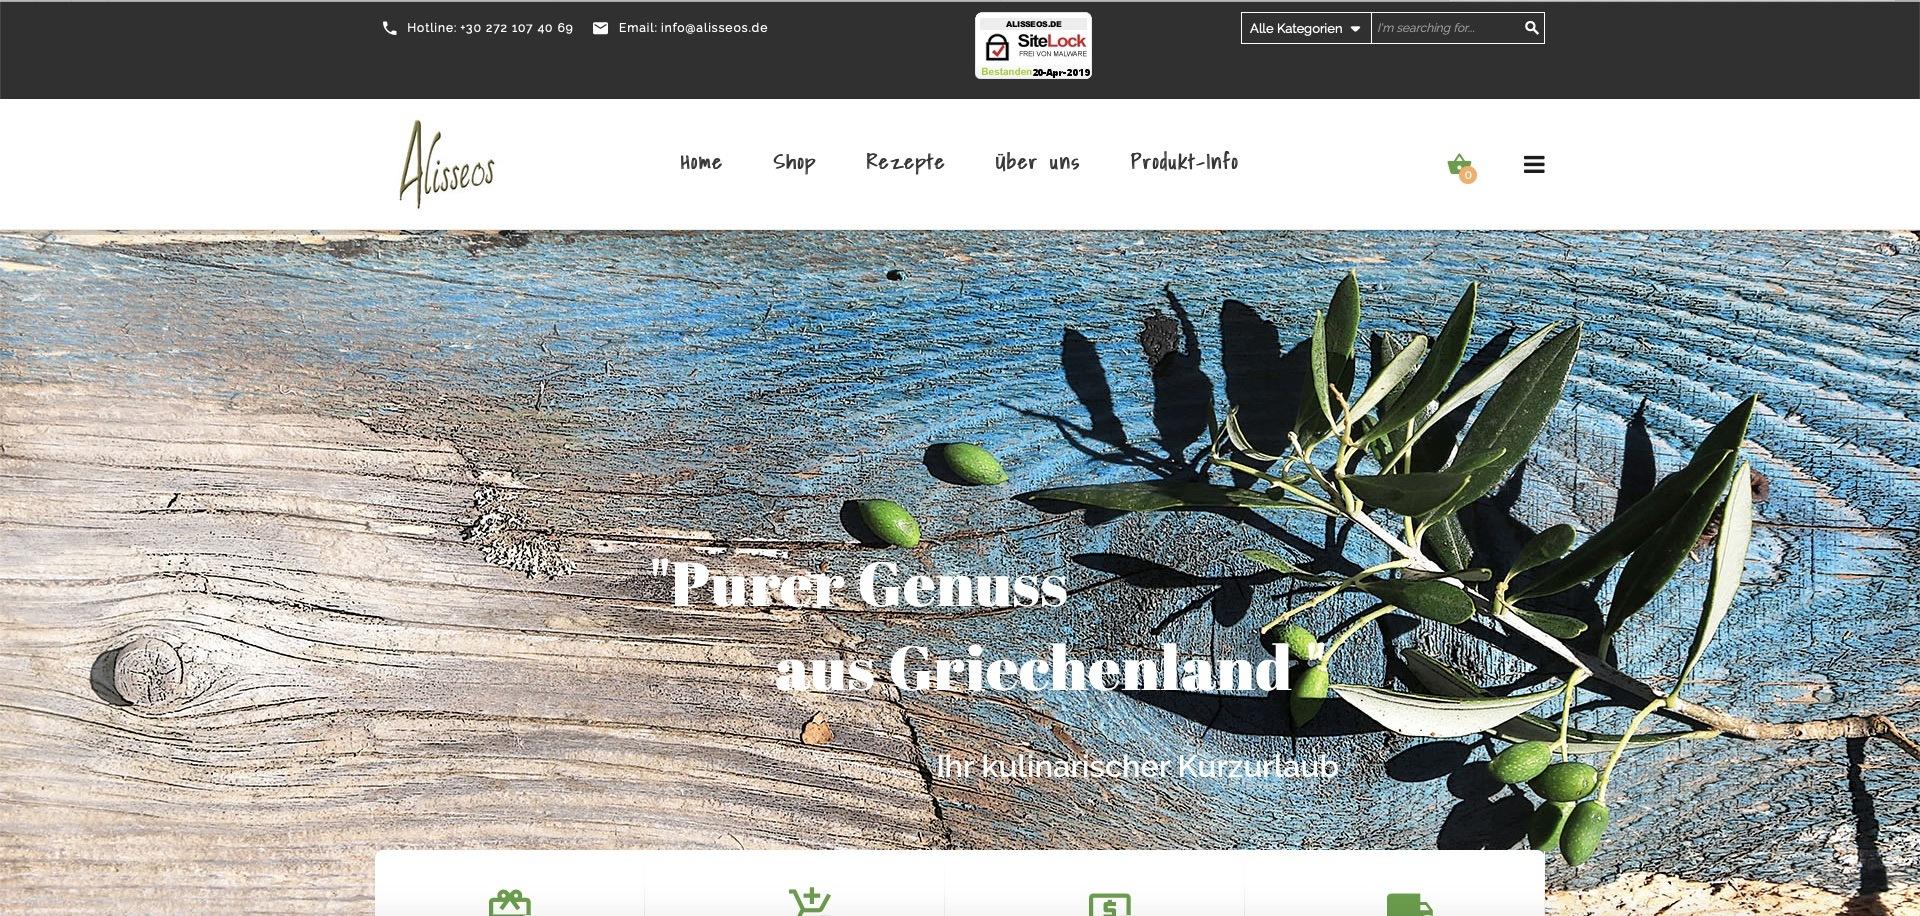 Bildschirmfoto des Webshops alisseos.de